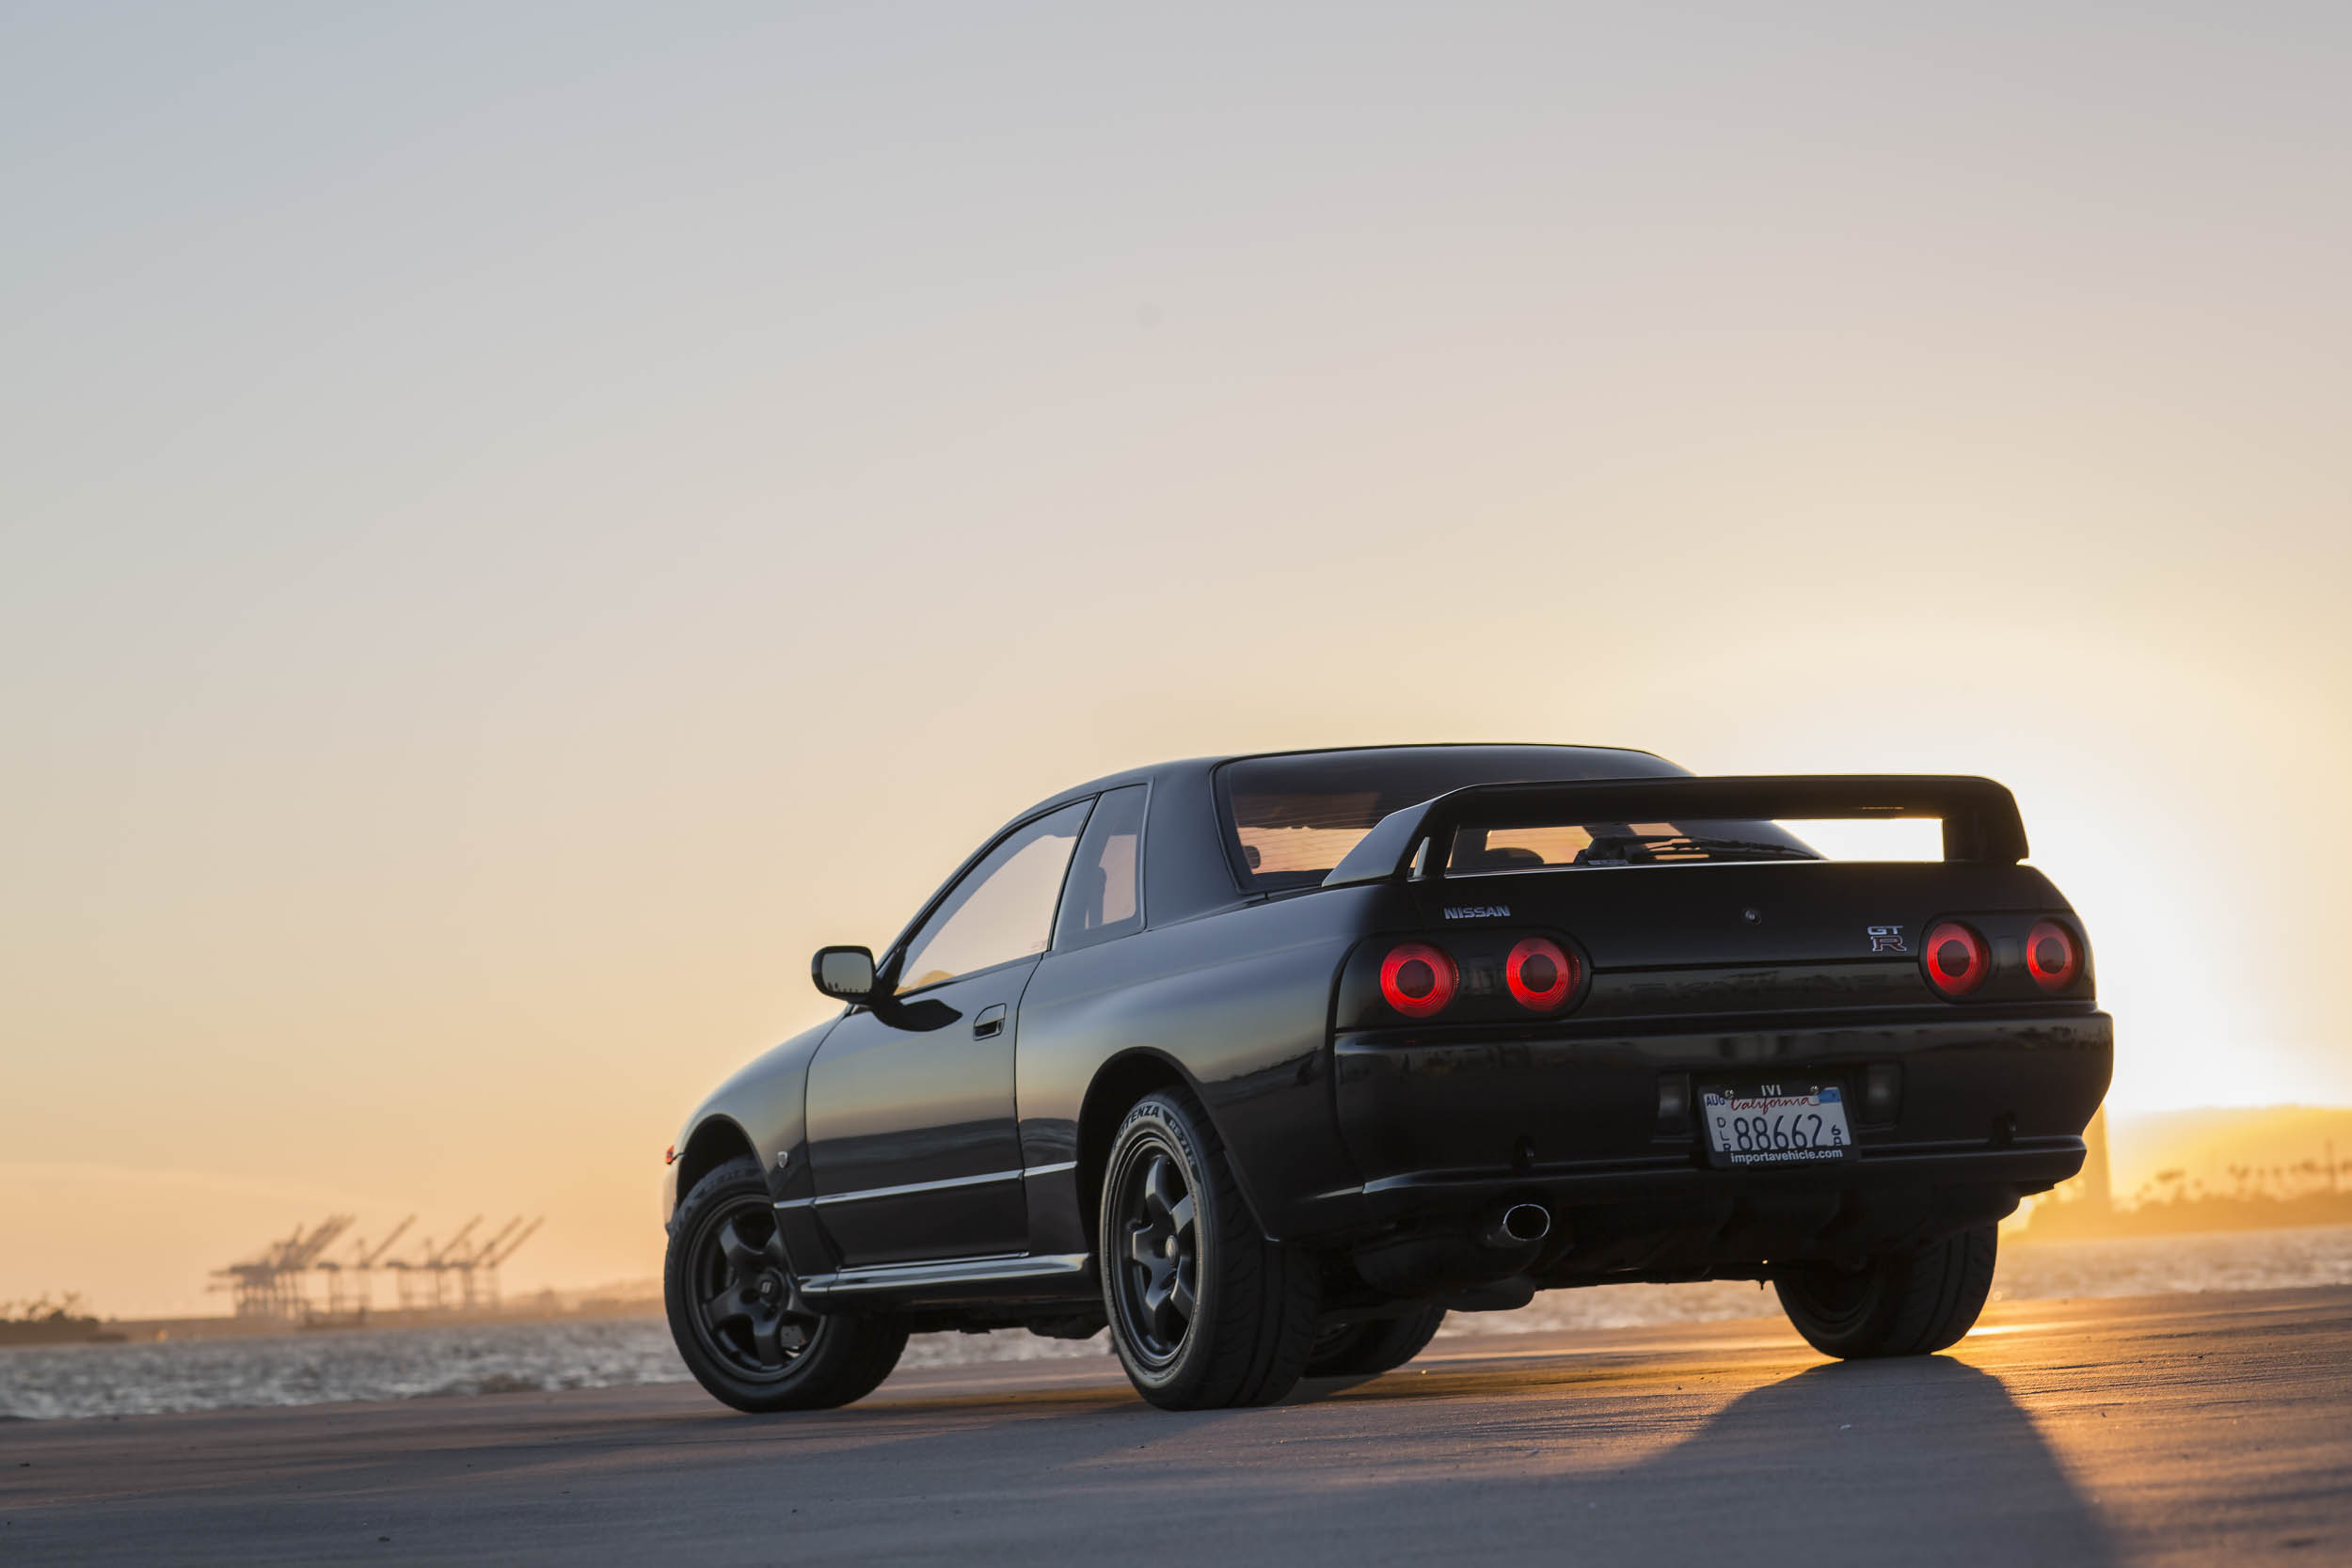 Nissan R32 GT-R rear